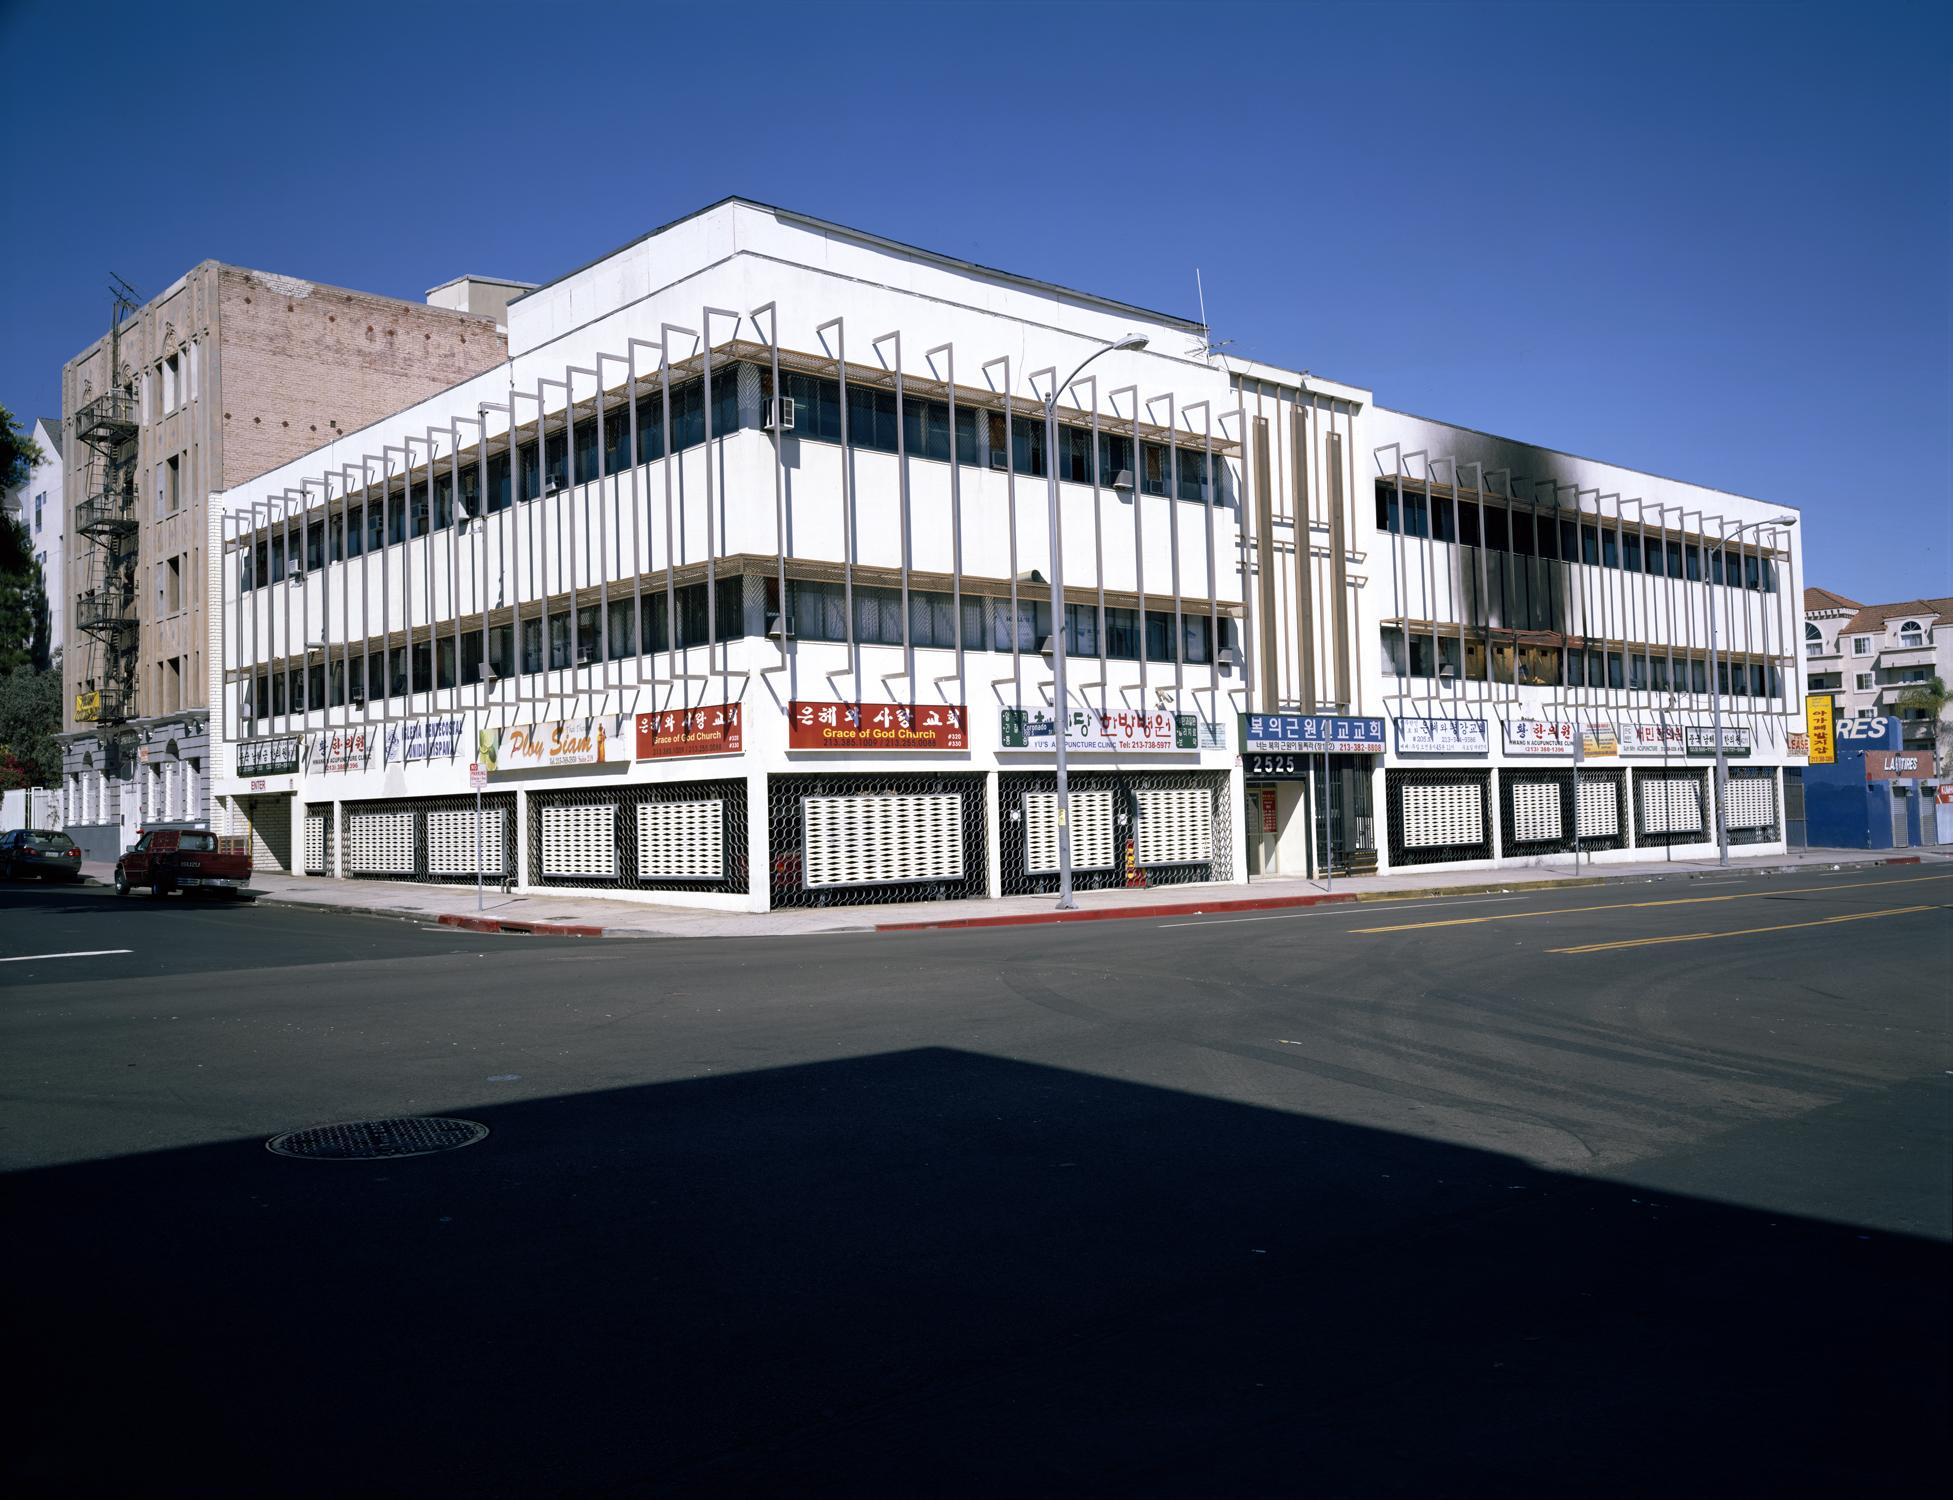 8th Street, Koreatown, L.A.